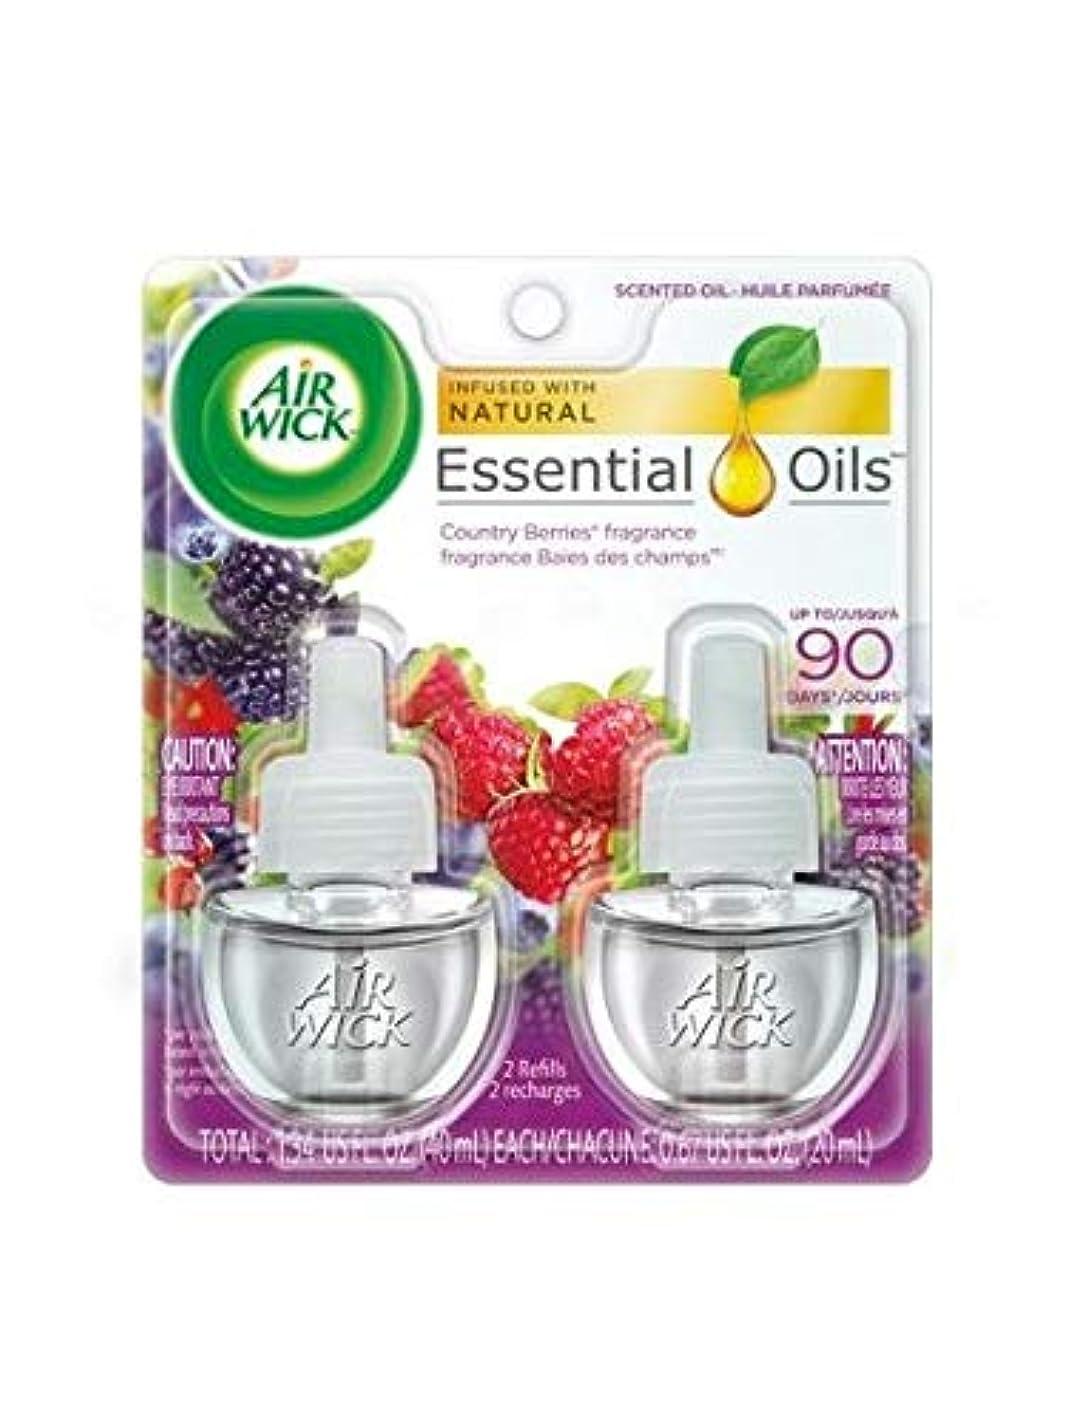 フィット一過性町【Air Wick/エアーウィック】 プラグインオイル詰替えリフィル(2個入り) ワイルドベリーズ Air Wick Scented Oil Twin Refill Wild Berries (2X.67) Oz. [並行輸入品]